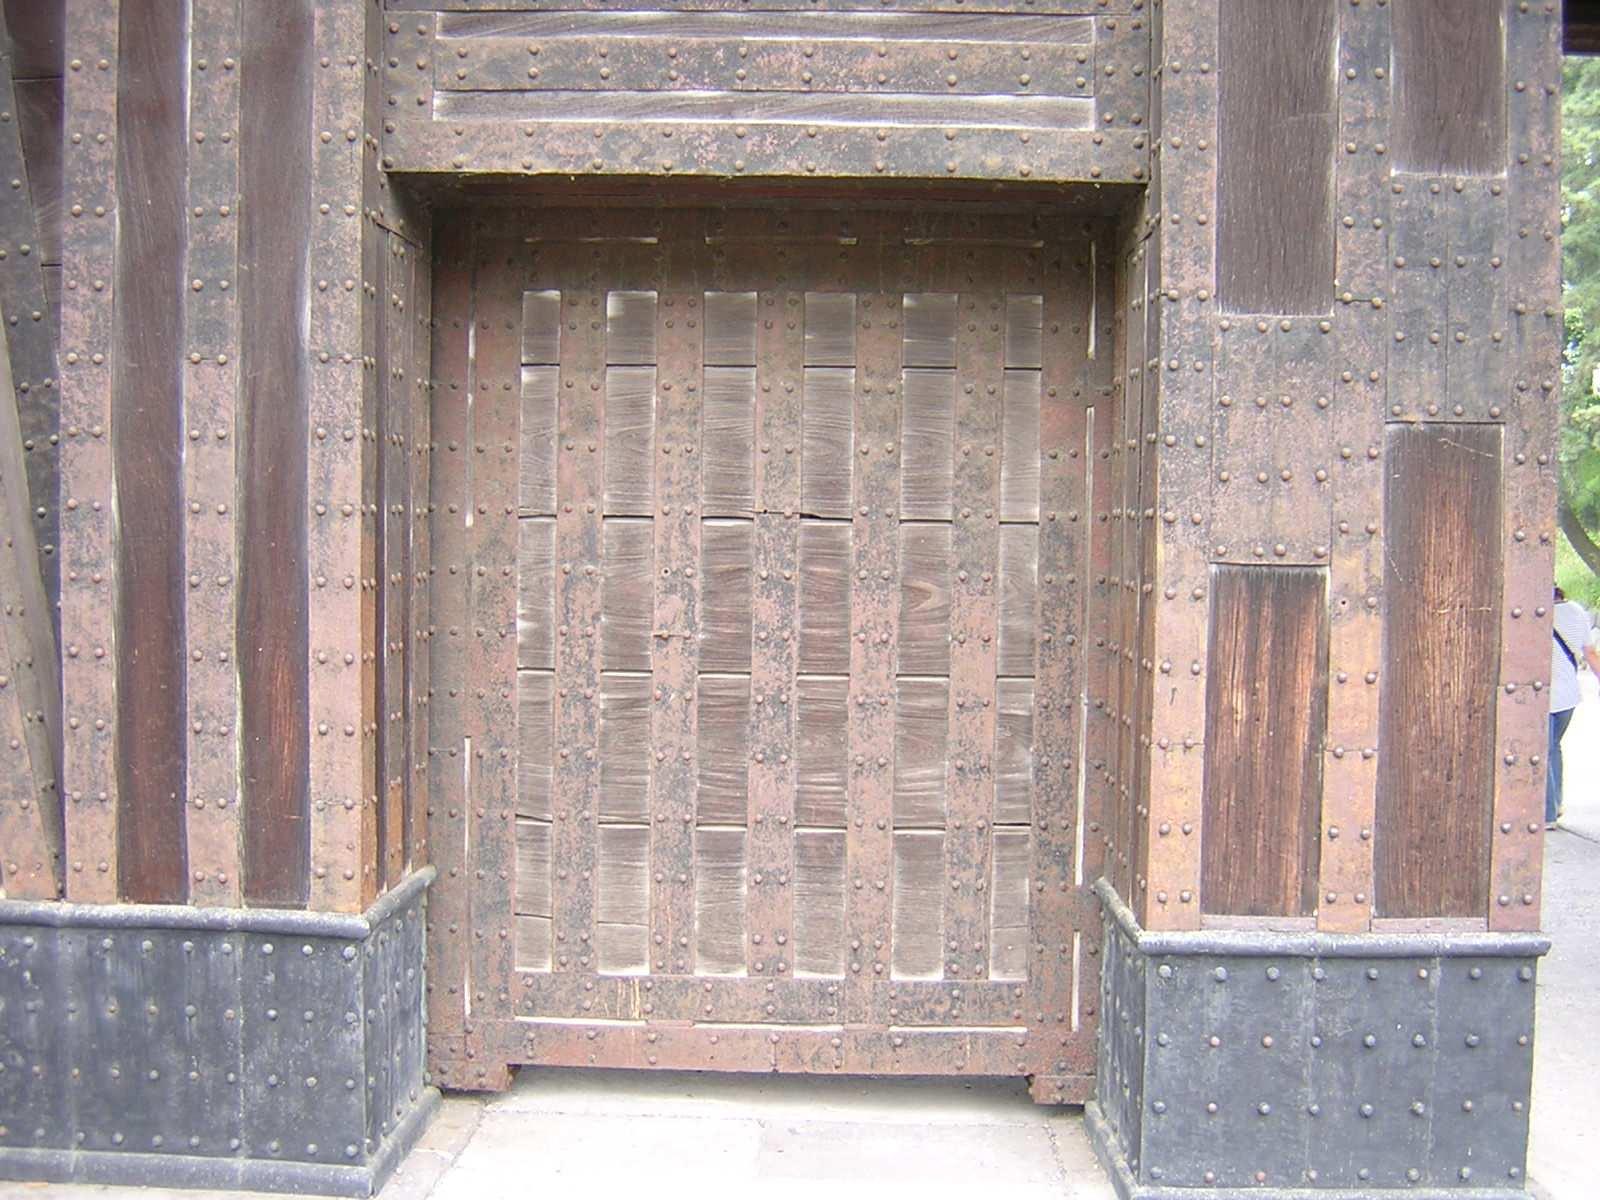 この小さな扉は通用口と言ってよいのだろうか? 門全体の中に含まれているので通用門というのは適当ではないと思う